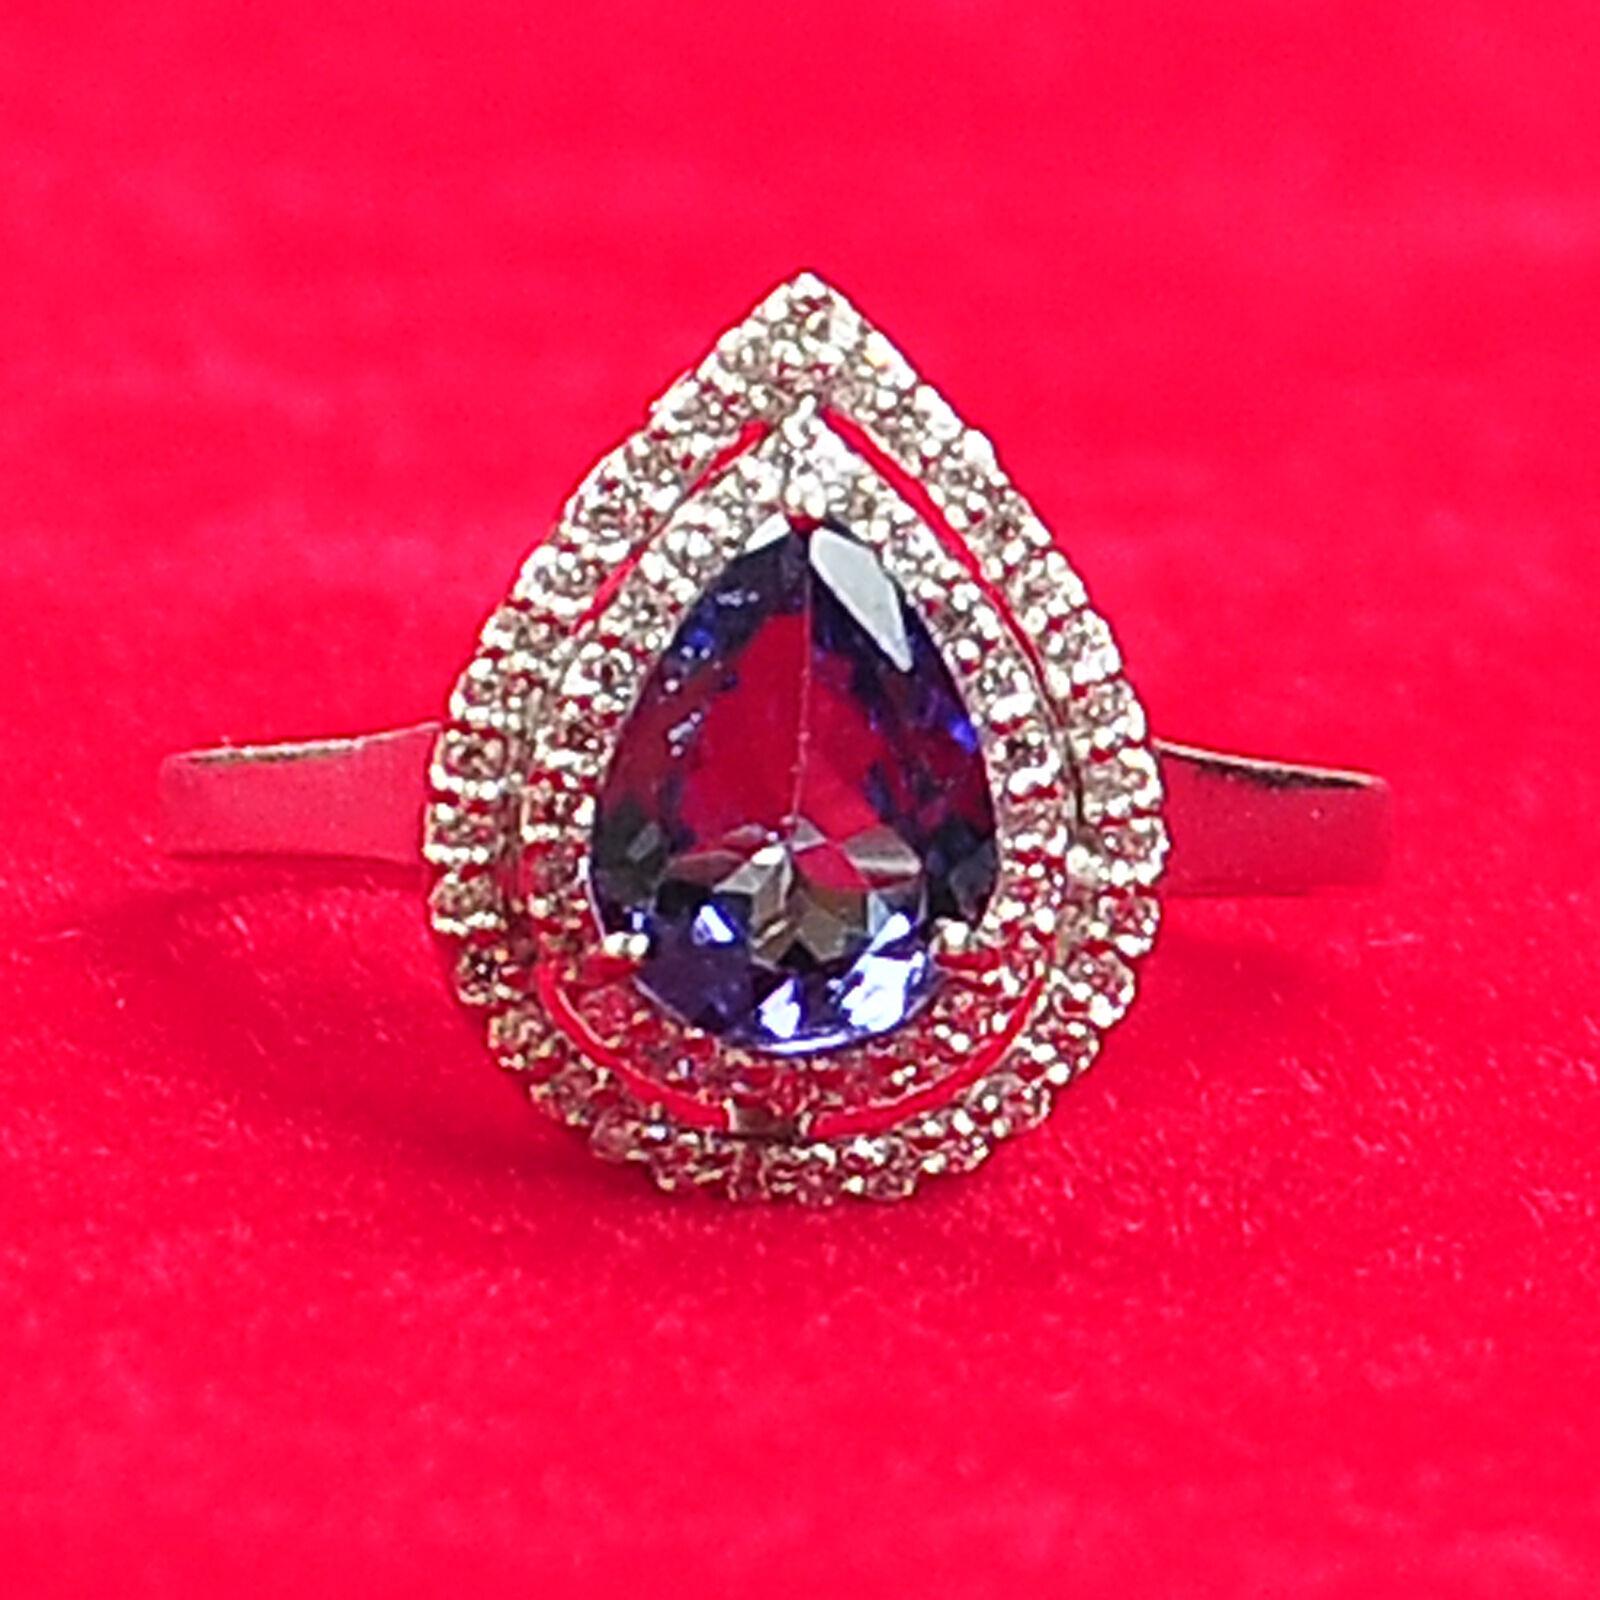 14KT White gold 1.65 Carat Natural blueee Tanzanite IGI Certified Diamond Ring